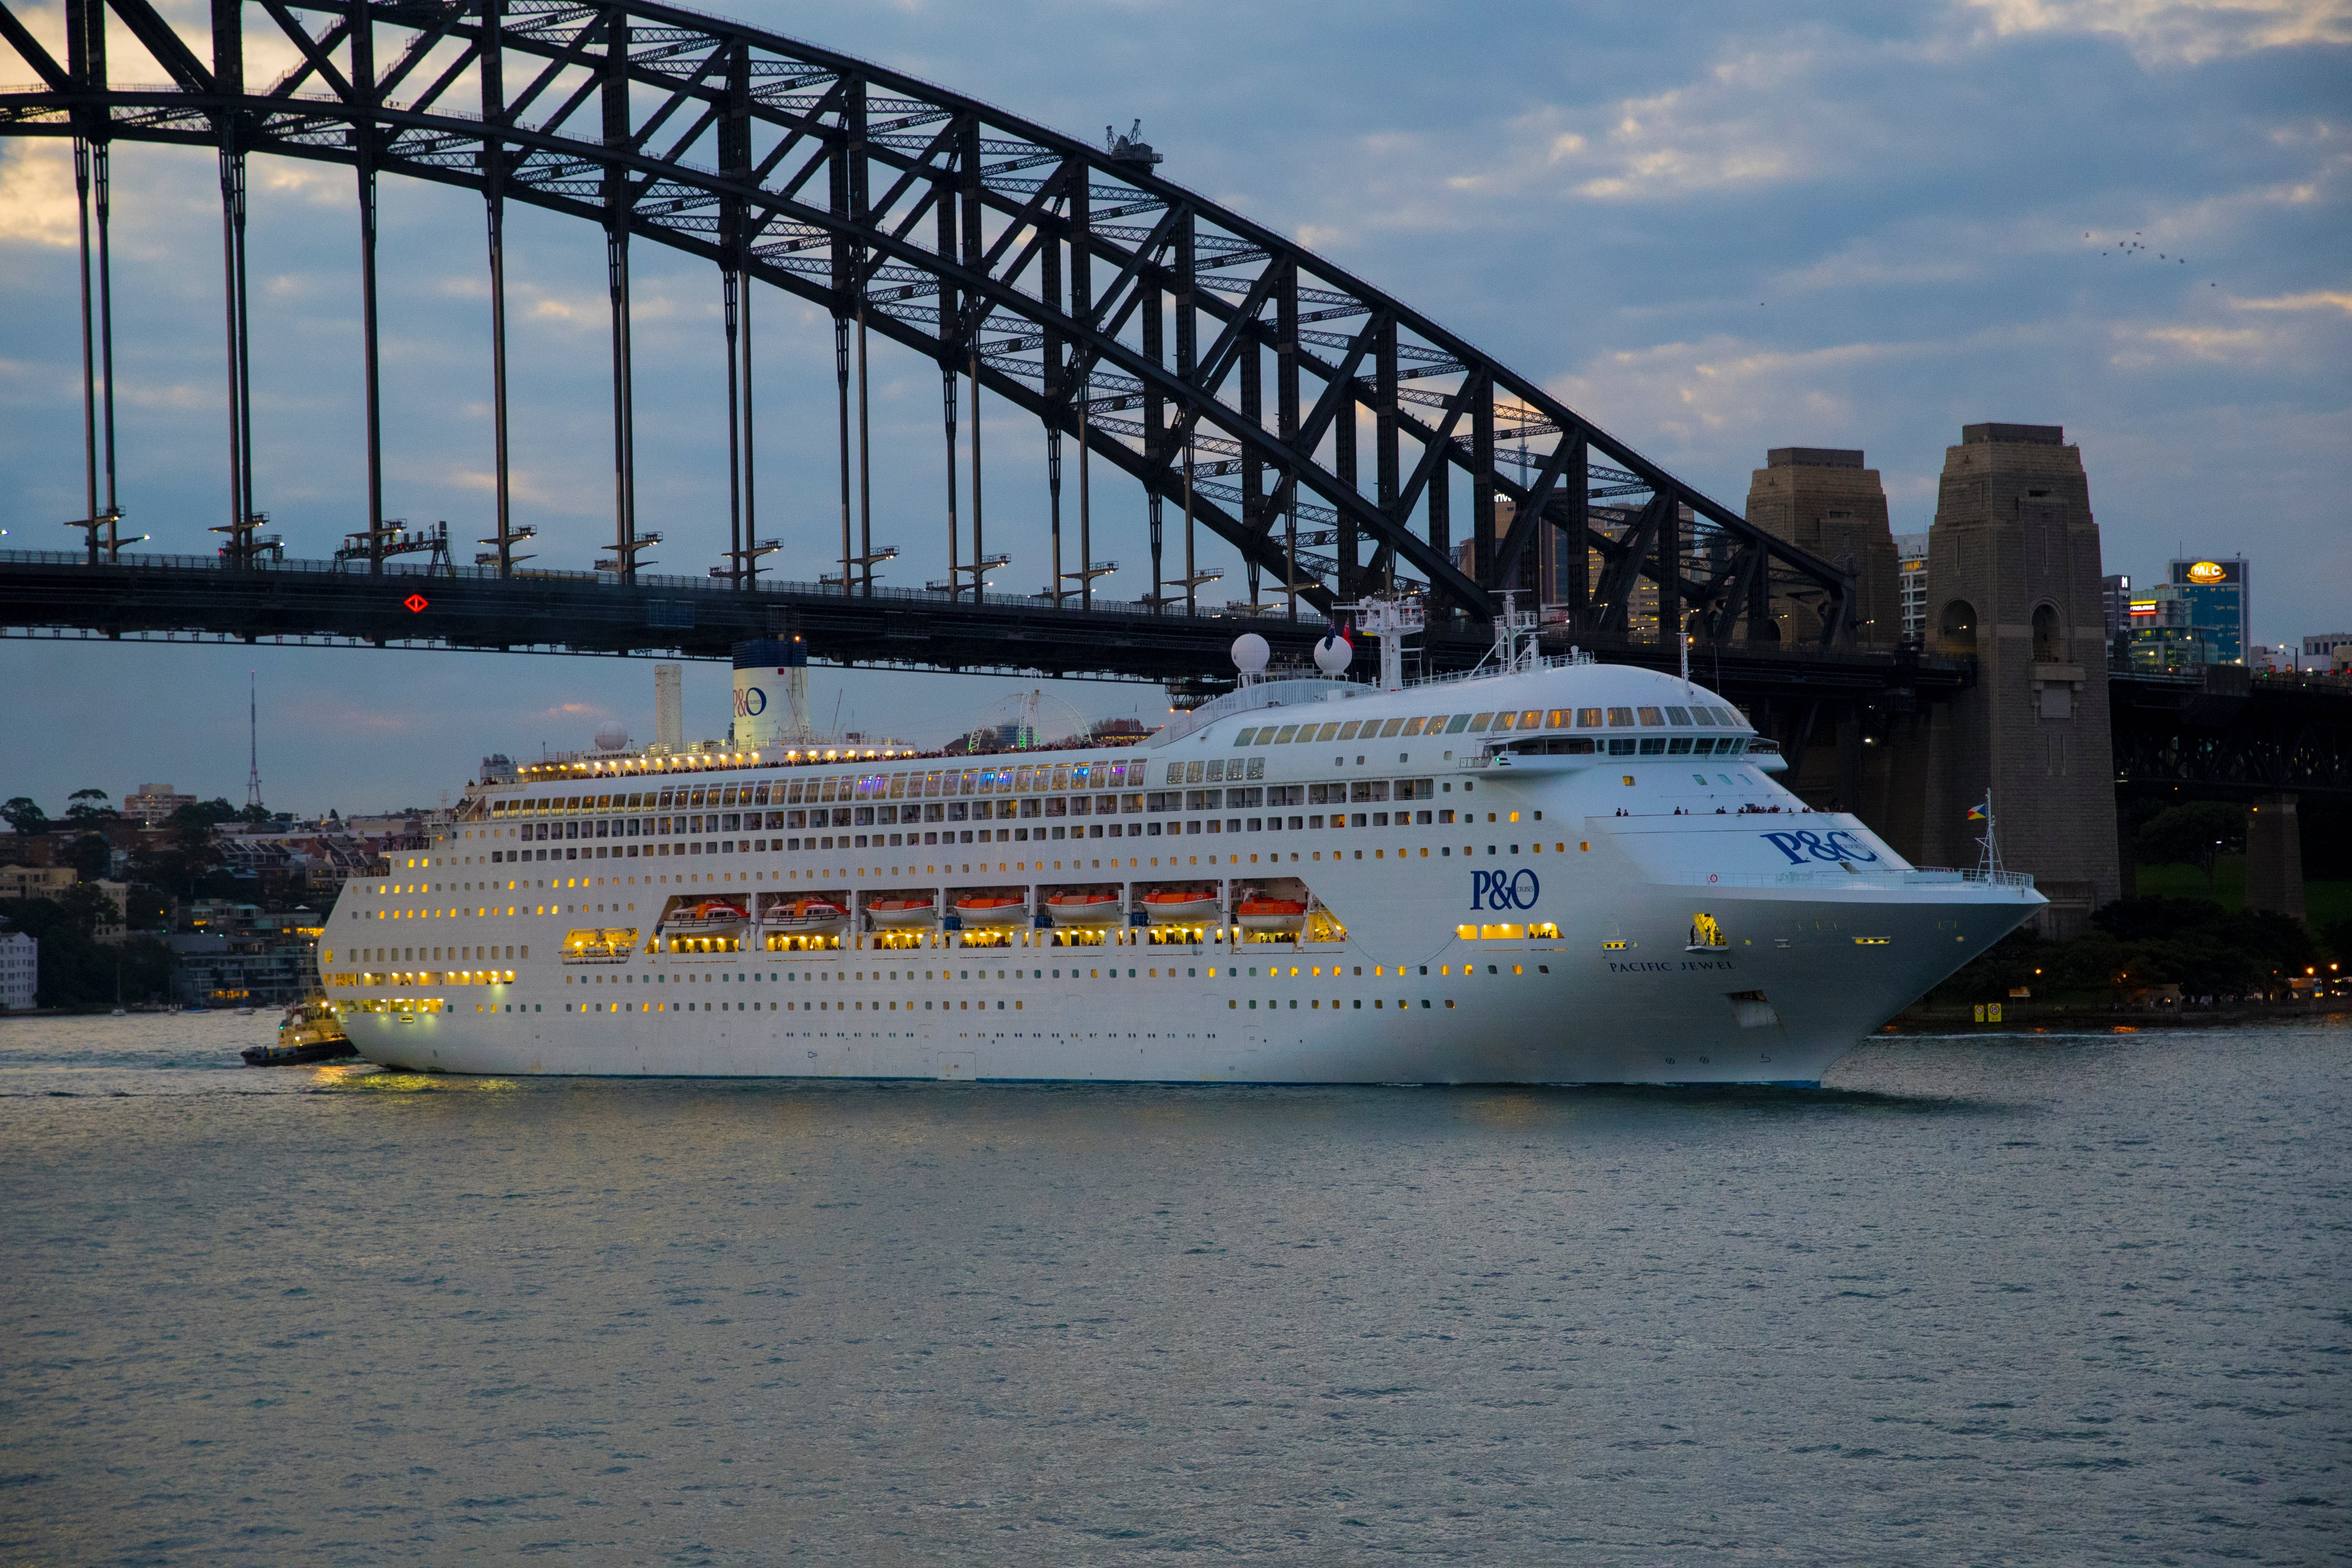 Δωρεάν στοκ φωτογραφιών με βάρκα, γέφυρα, θάλασσα, καράβι